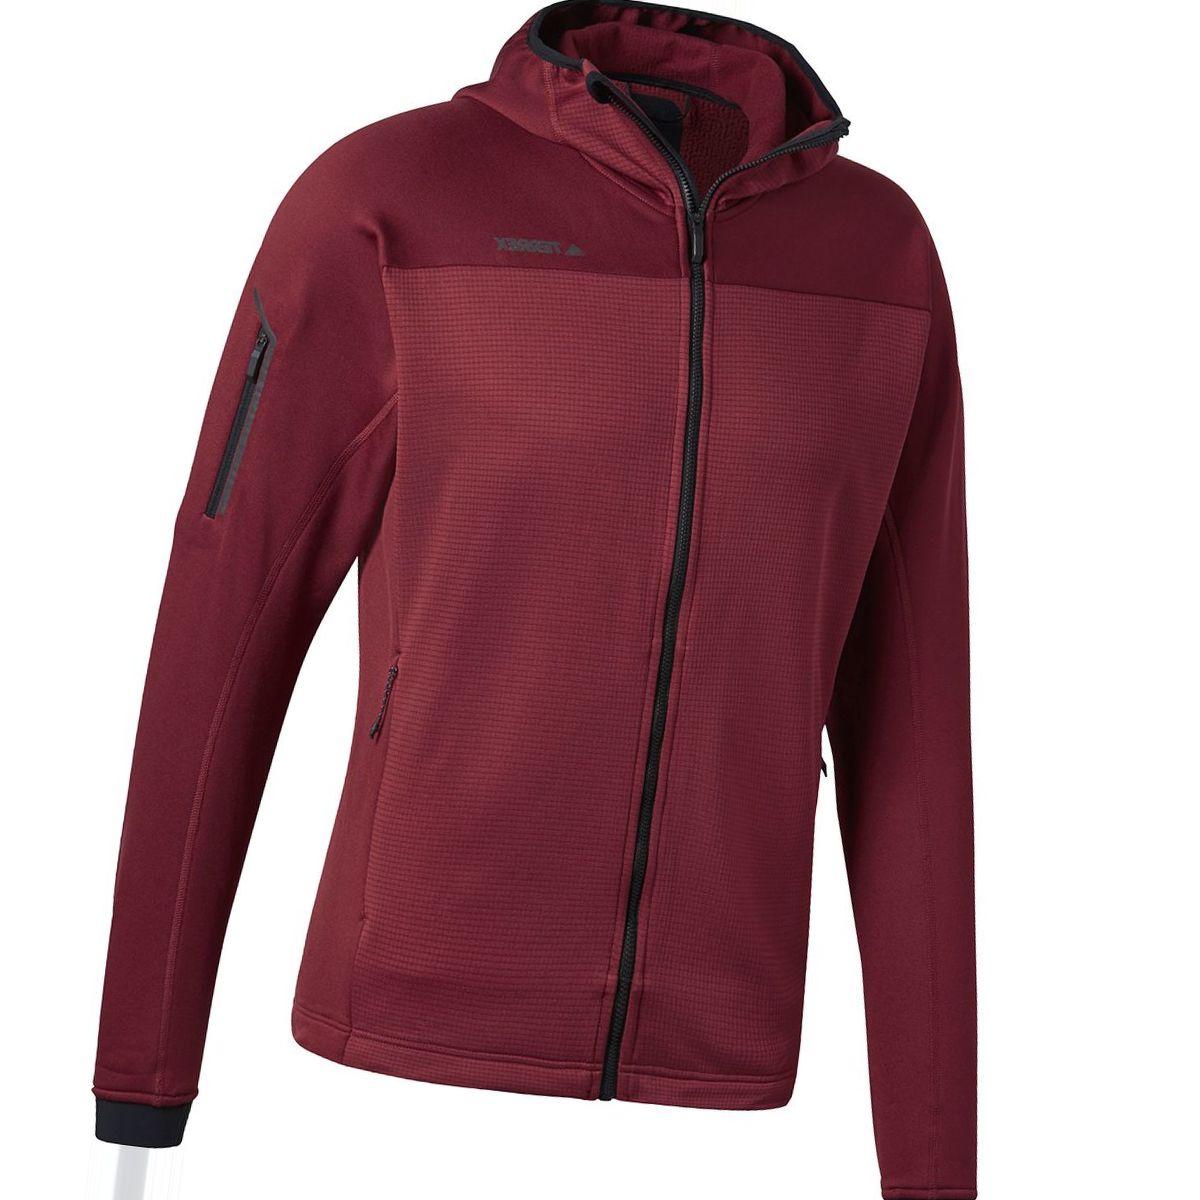 Adidas Outdoor Stockhorn Fleece Hoodie II - Men's